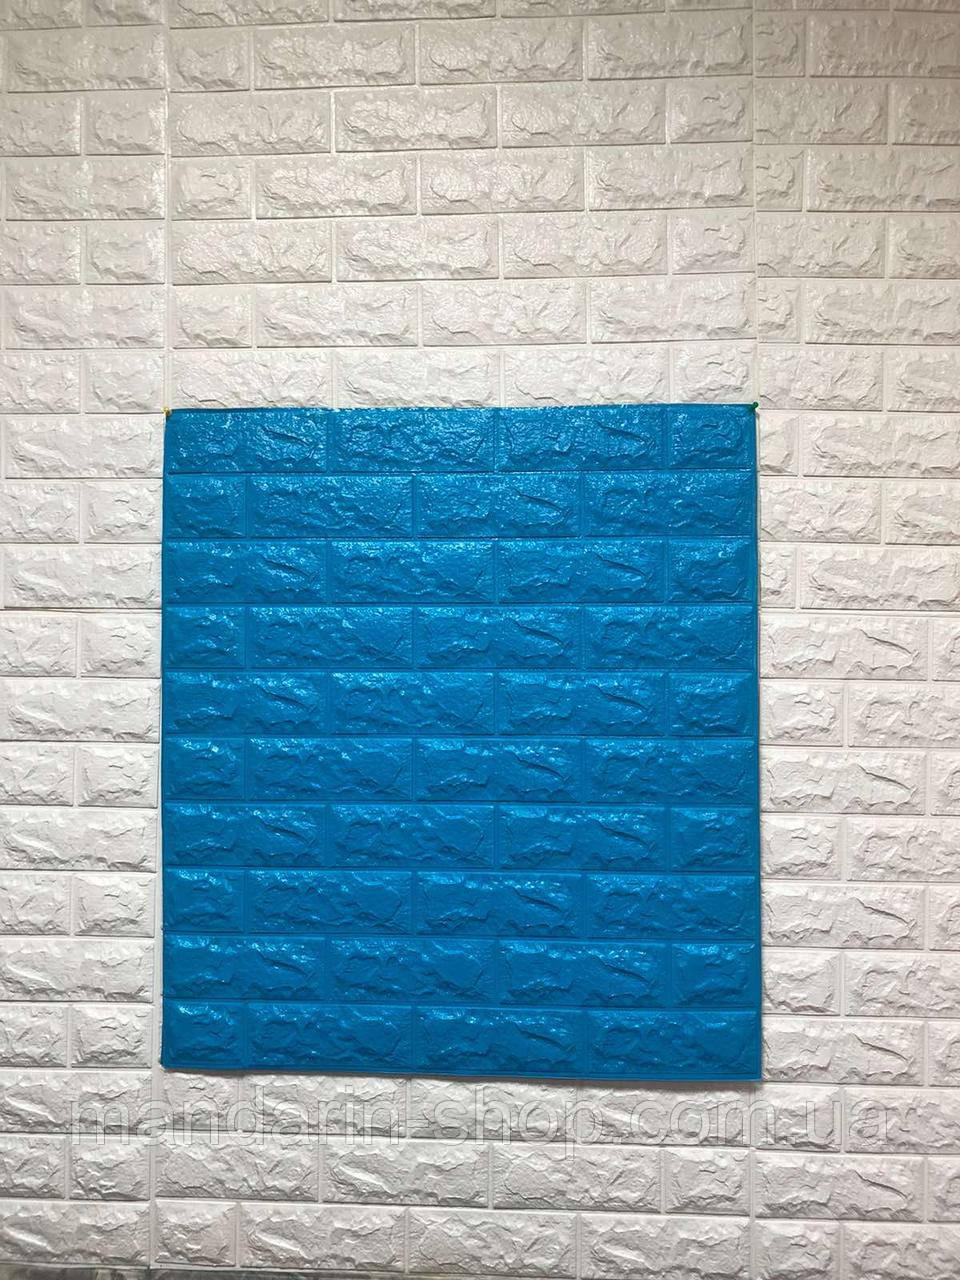 Самоклеющиеся обои Декоративная 3D панель ПВХ 1 шт, синий кирпич